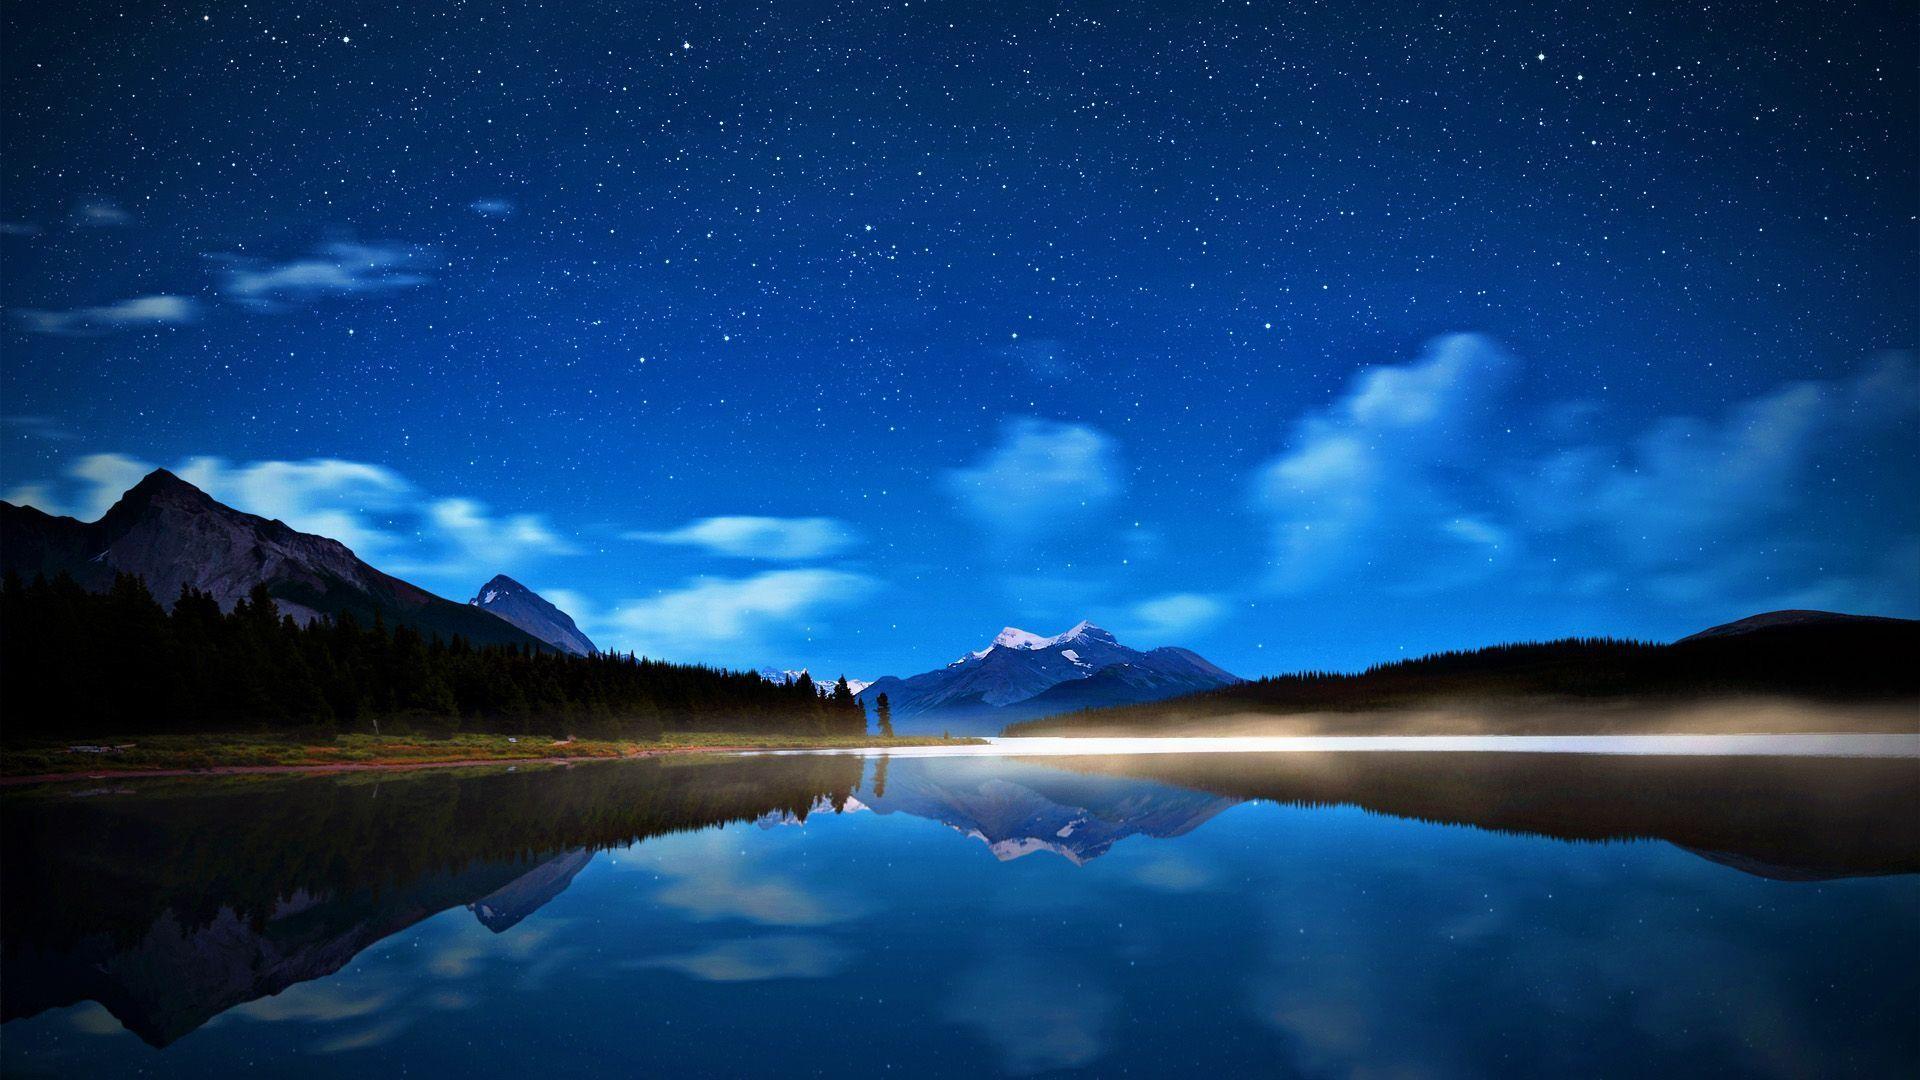 Night Sky Wallpaper HD #5726 | Hdwidescreens.